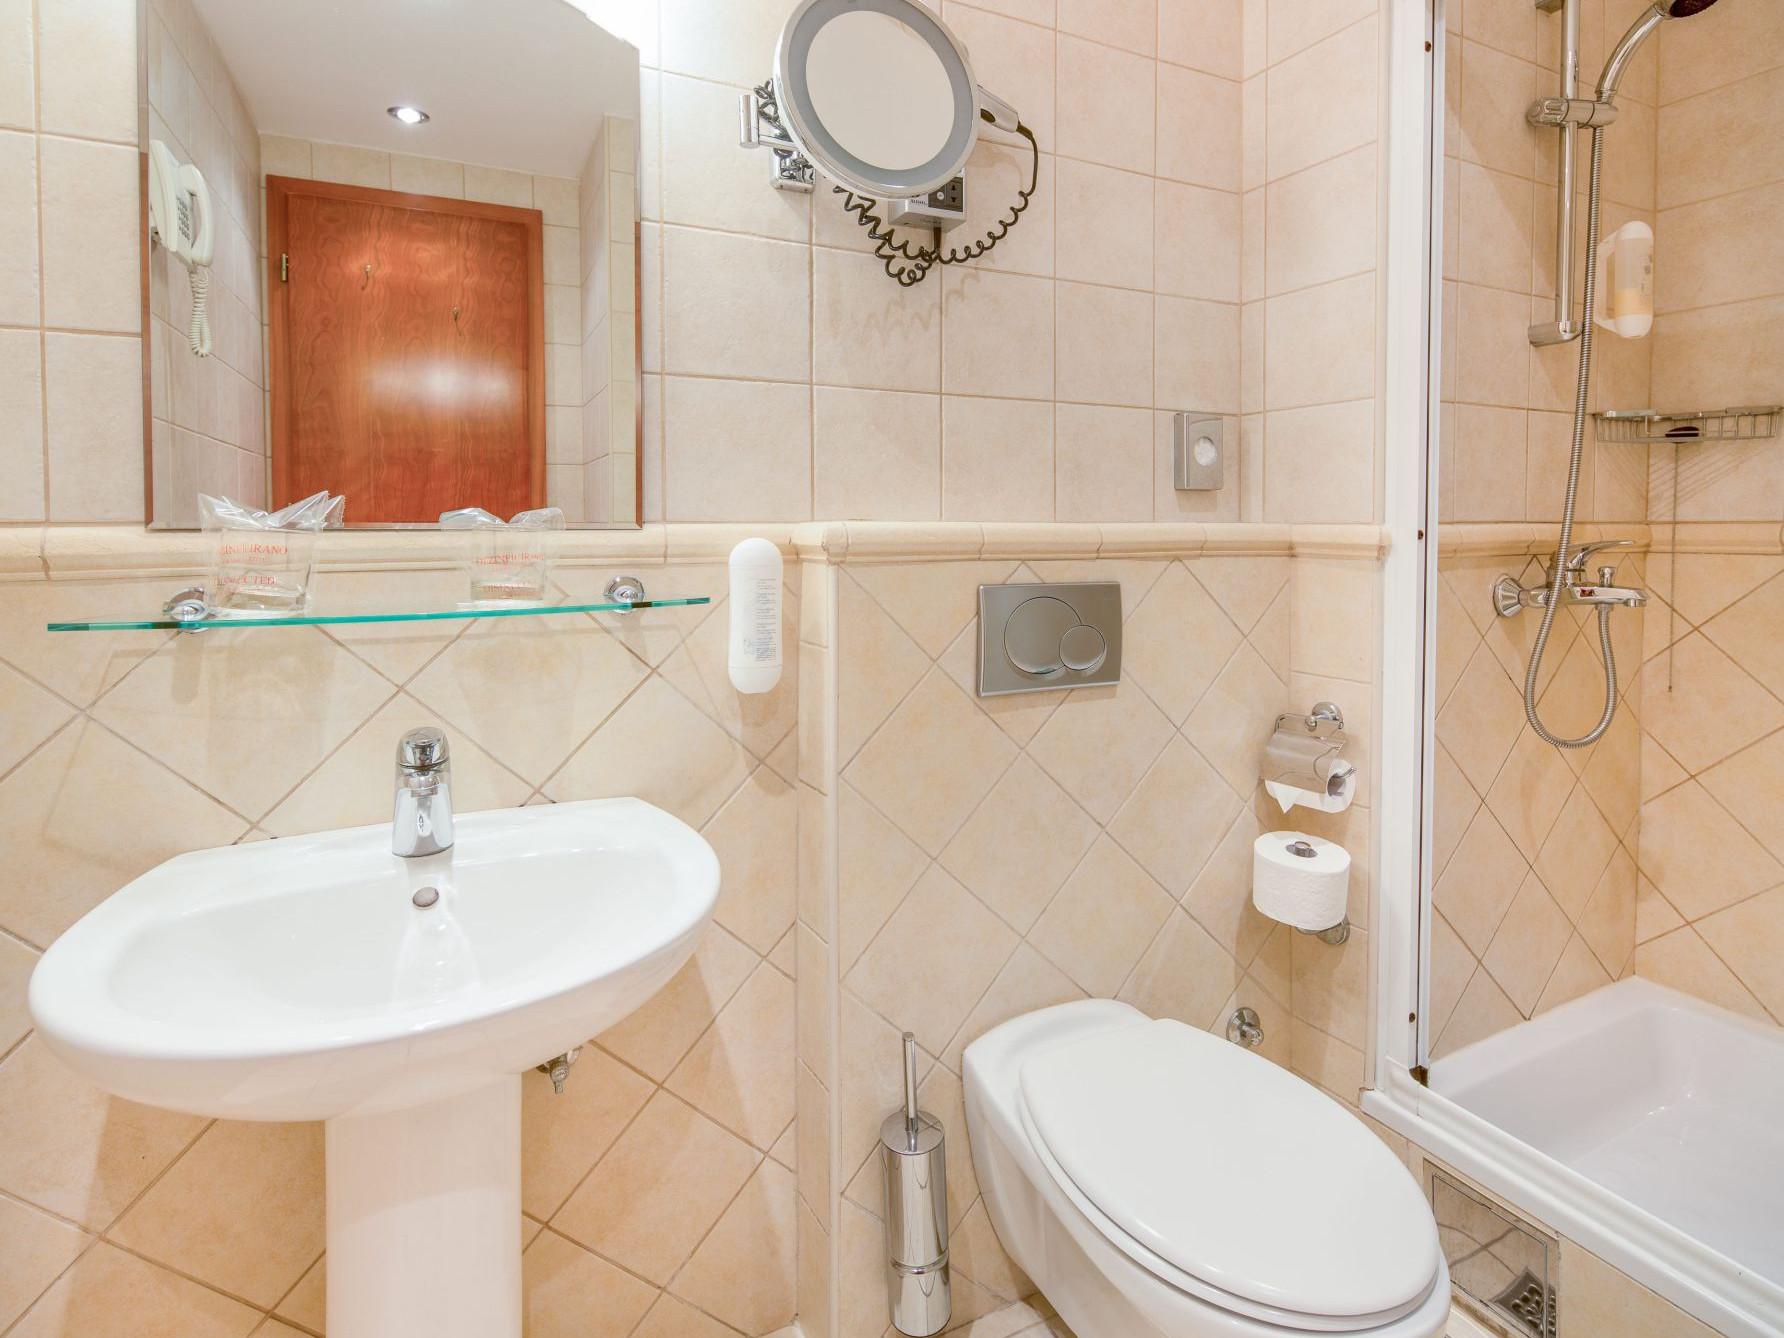 premier club room 04 14638917637 o uai - Zora Hotel